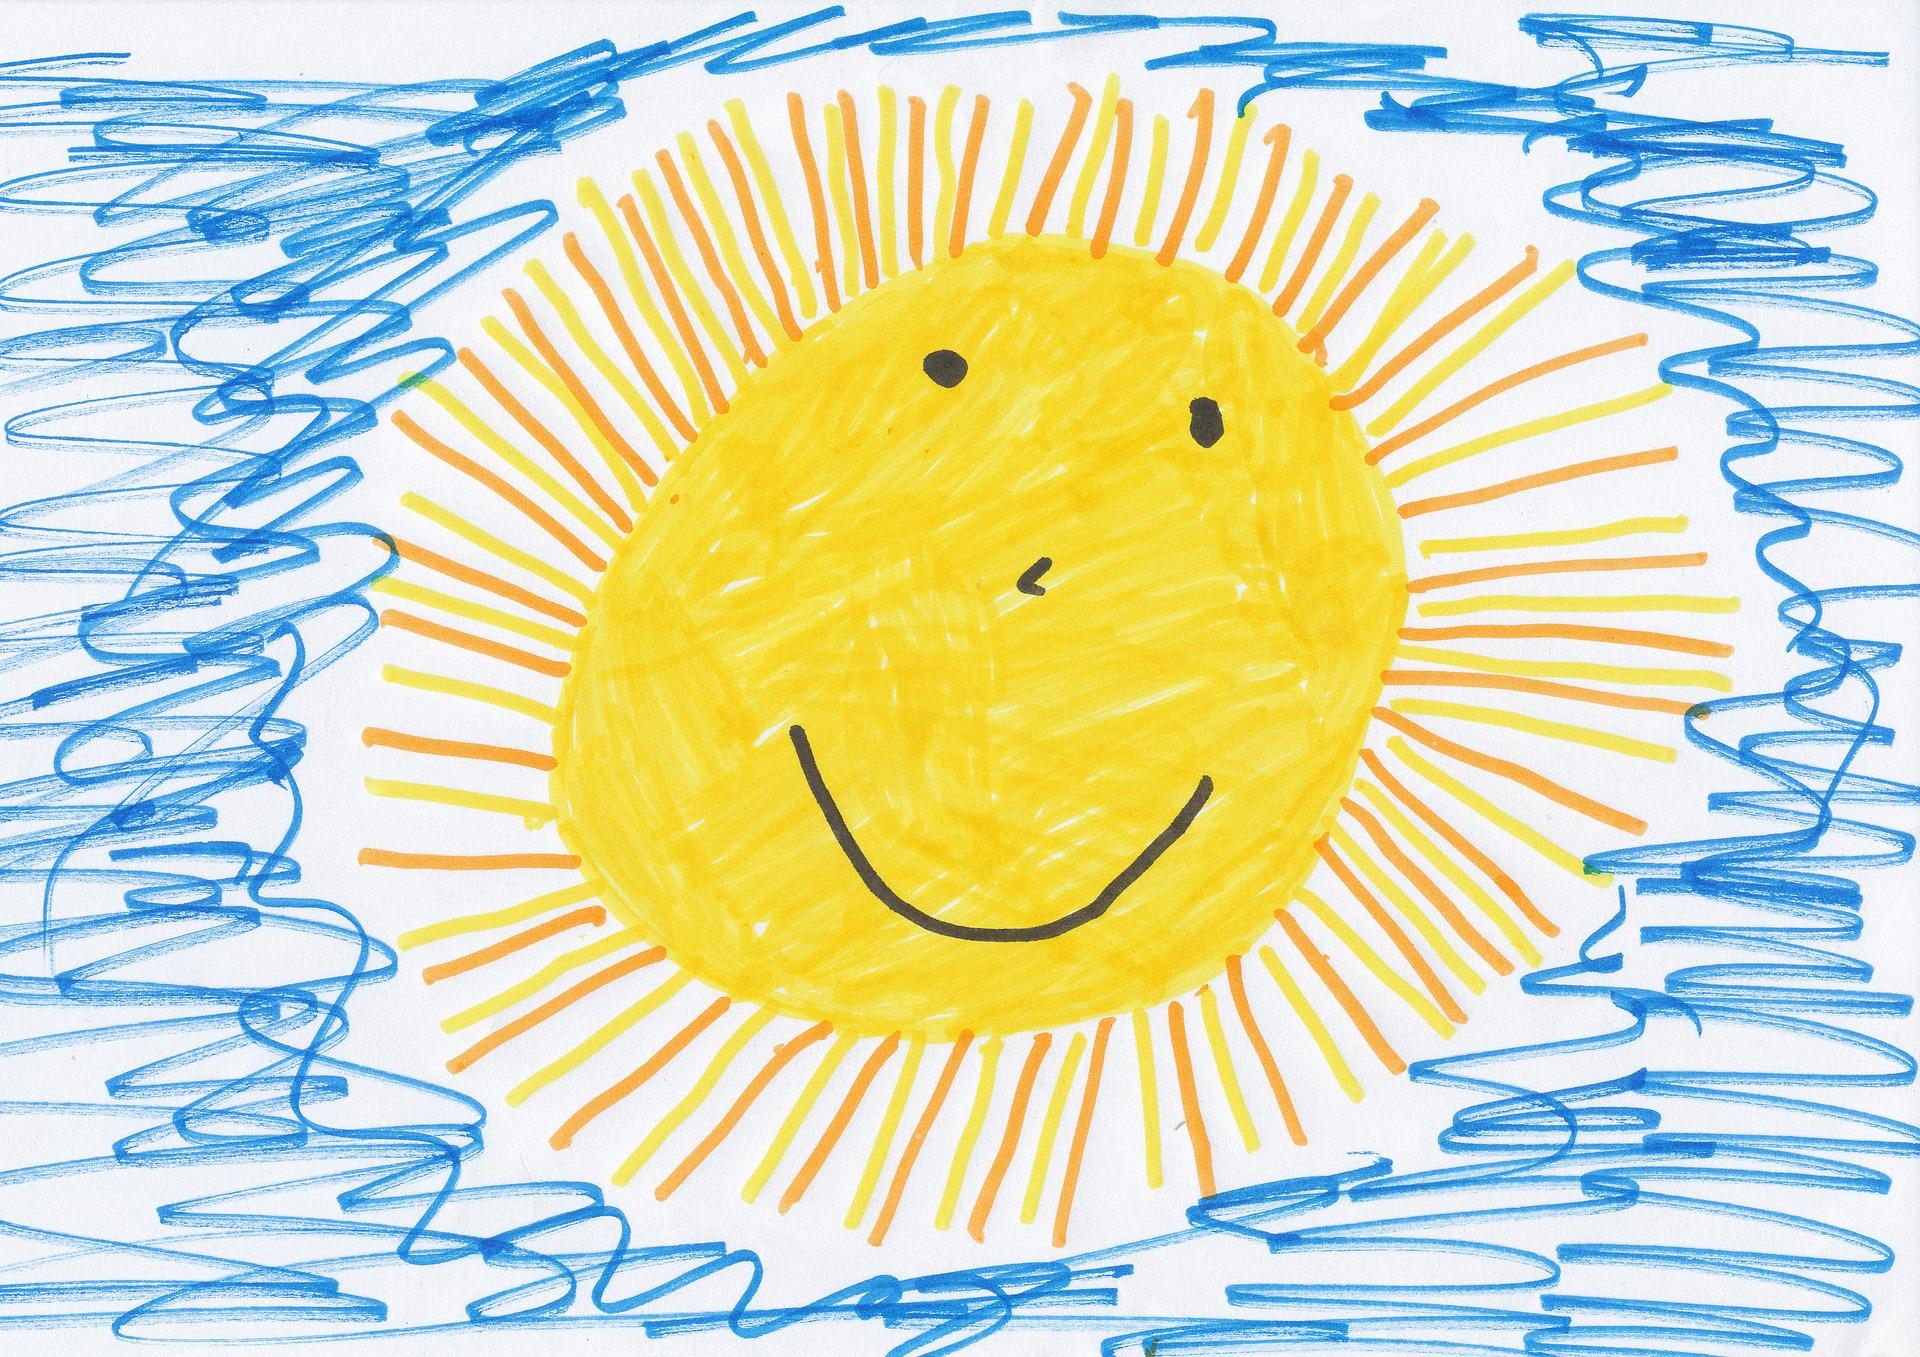 sun-451441_1920.jpg